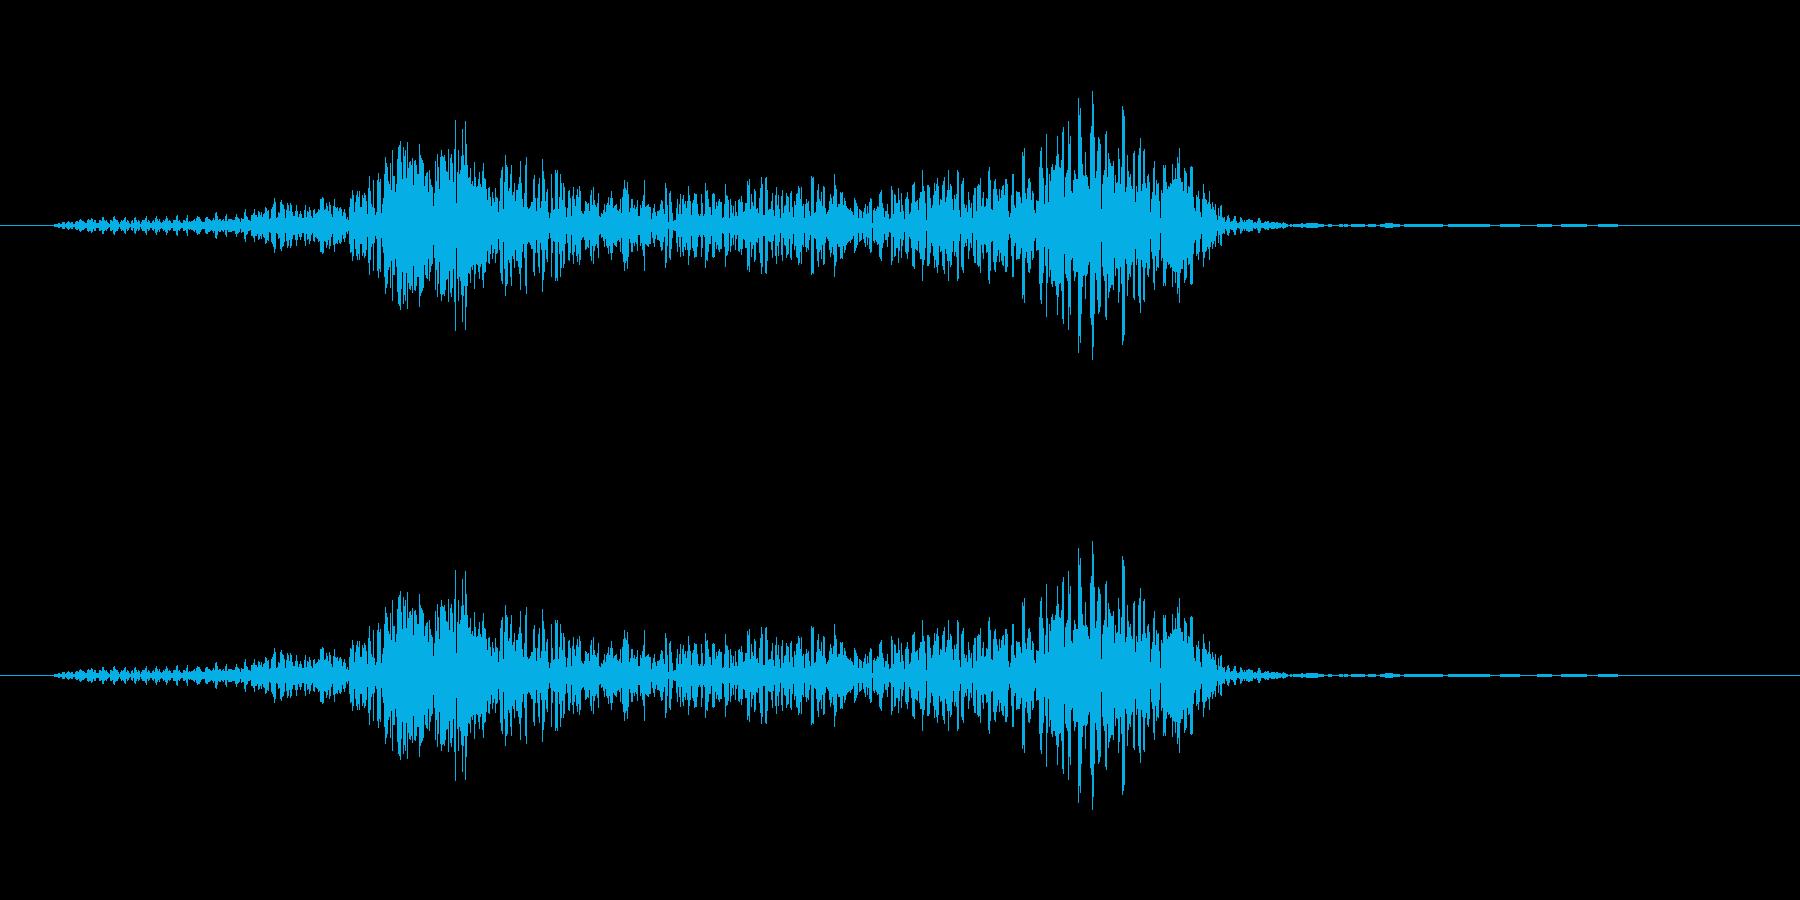 「よーっ」 (歌舞伎風)の再生済みの波形